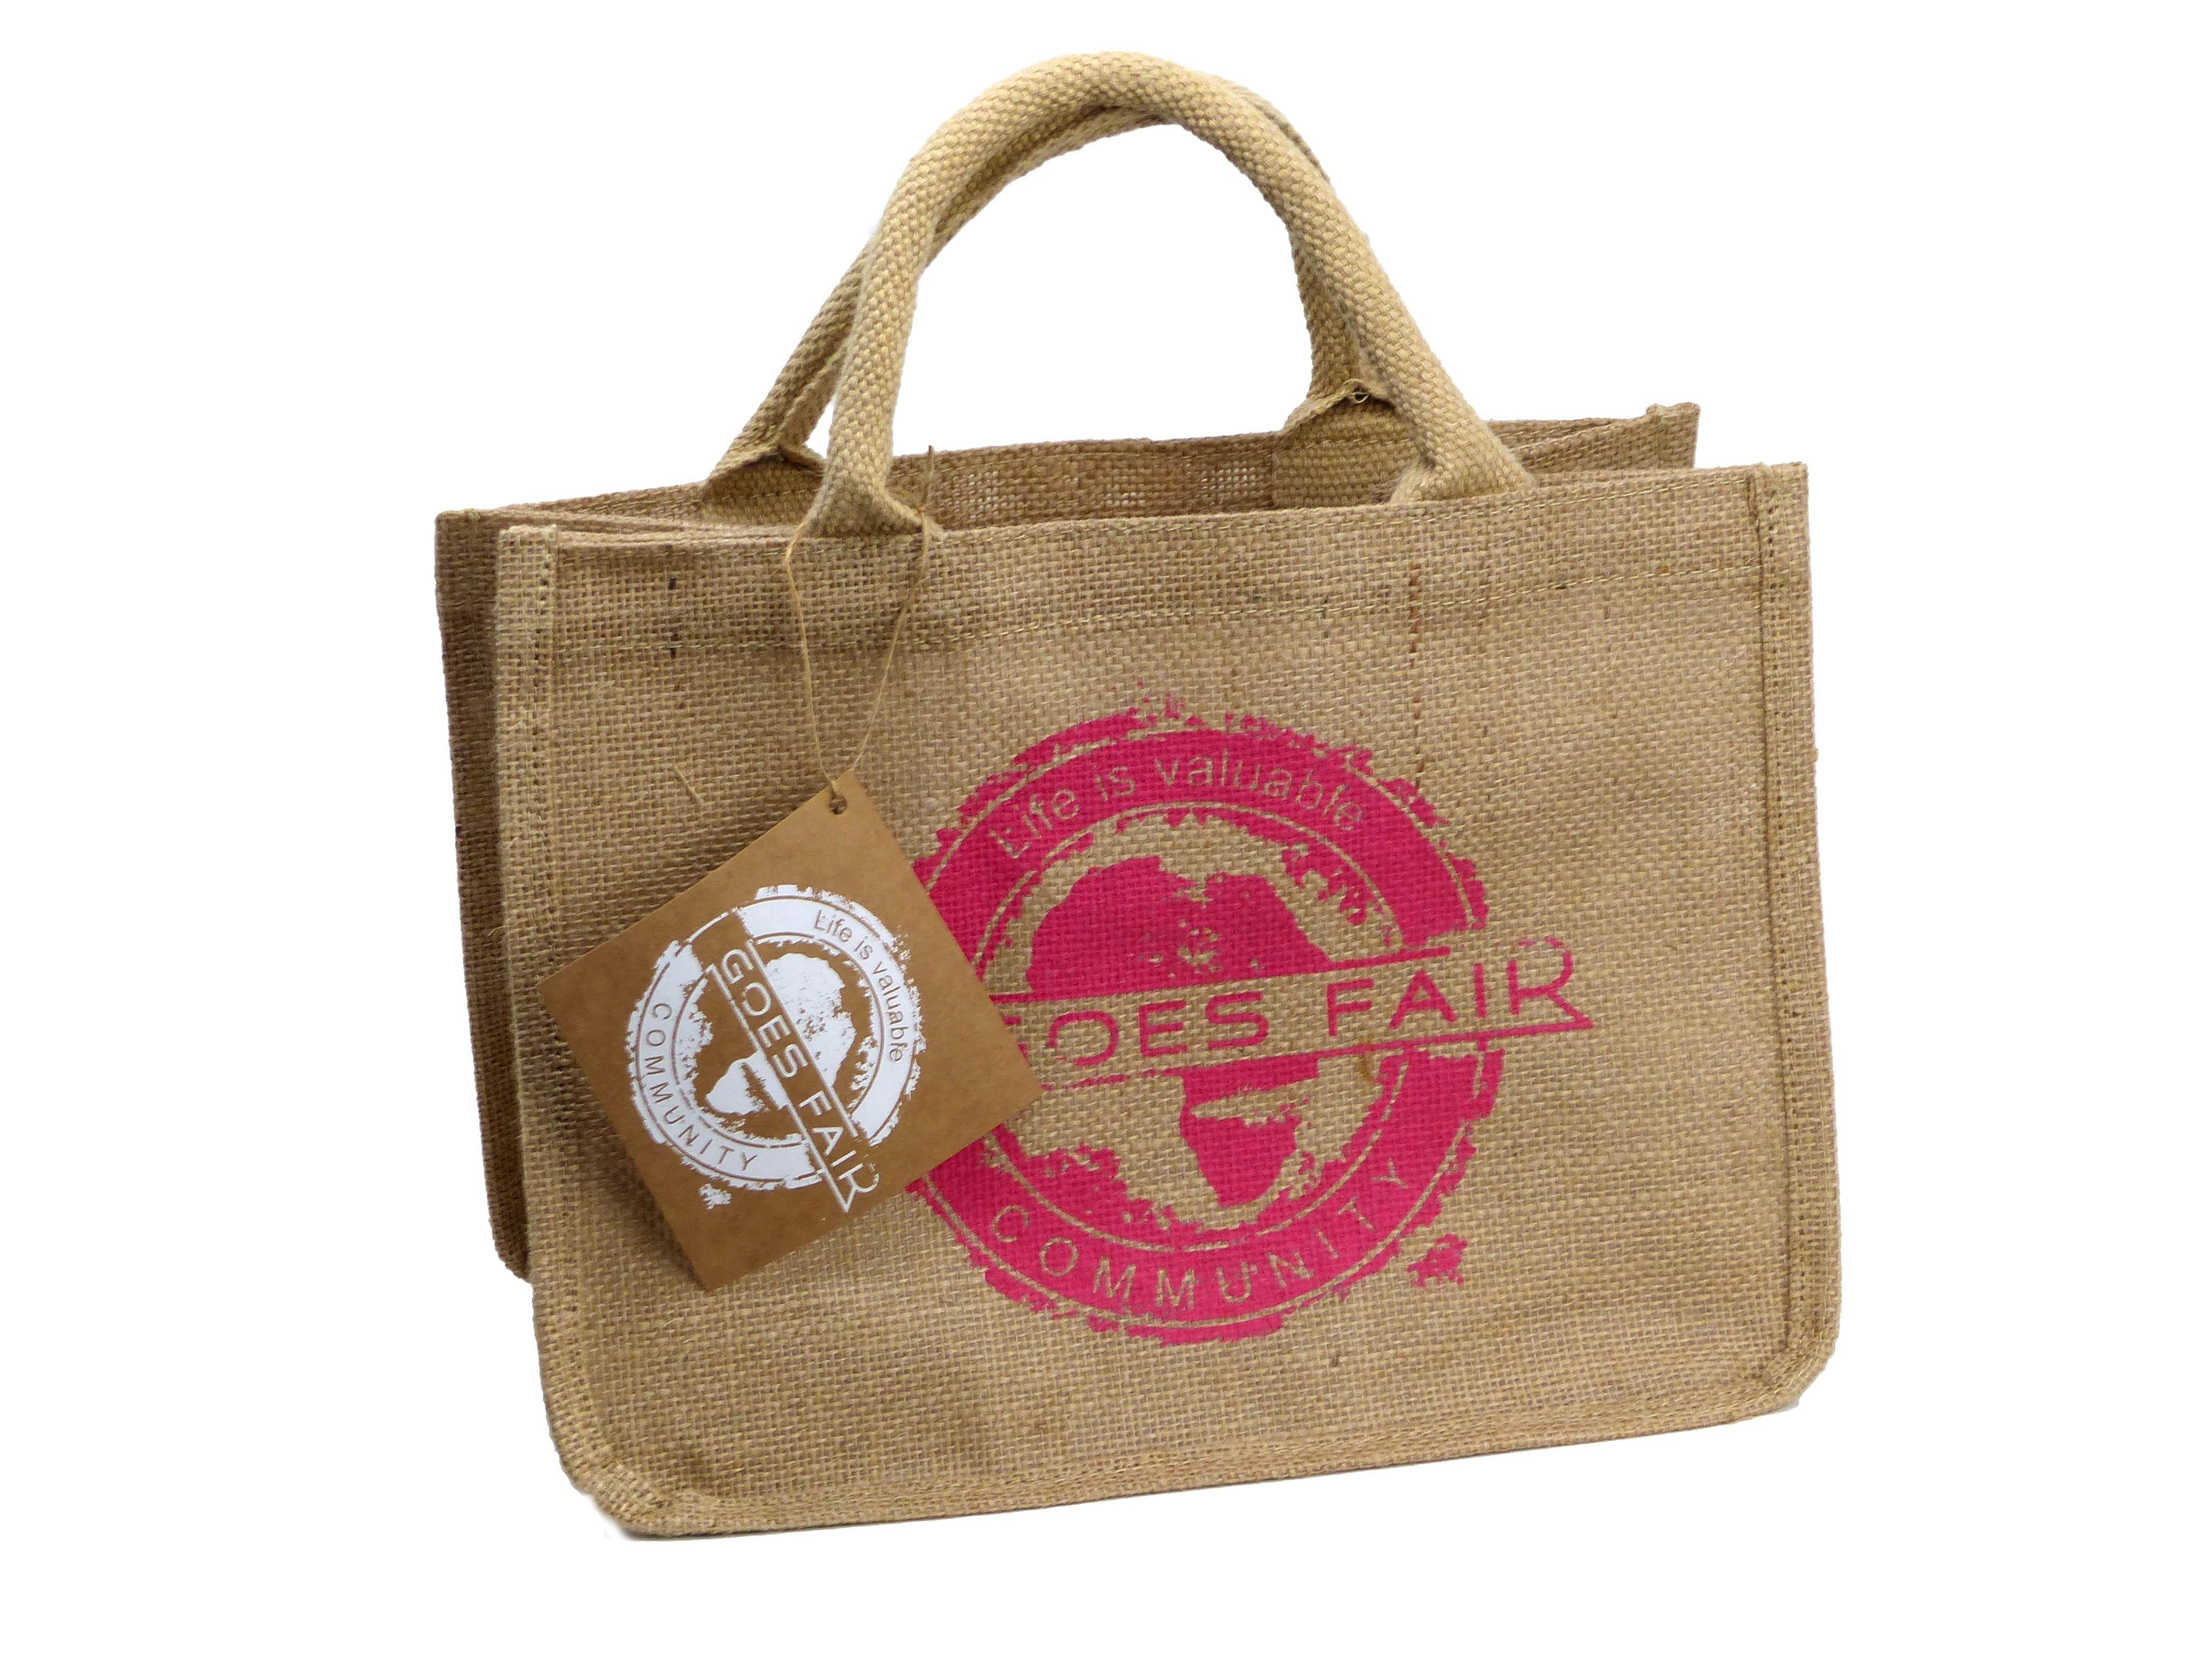 GOES FAIR® Jute Tasche 30x23x20 cm - fuchsia - Jede Tasche eine Mahlzeit